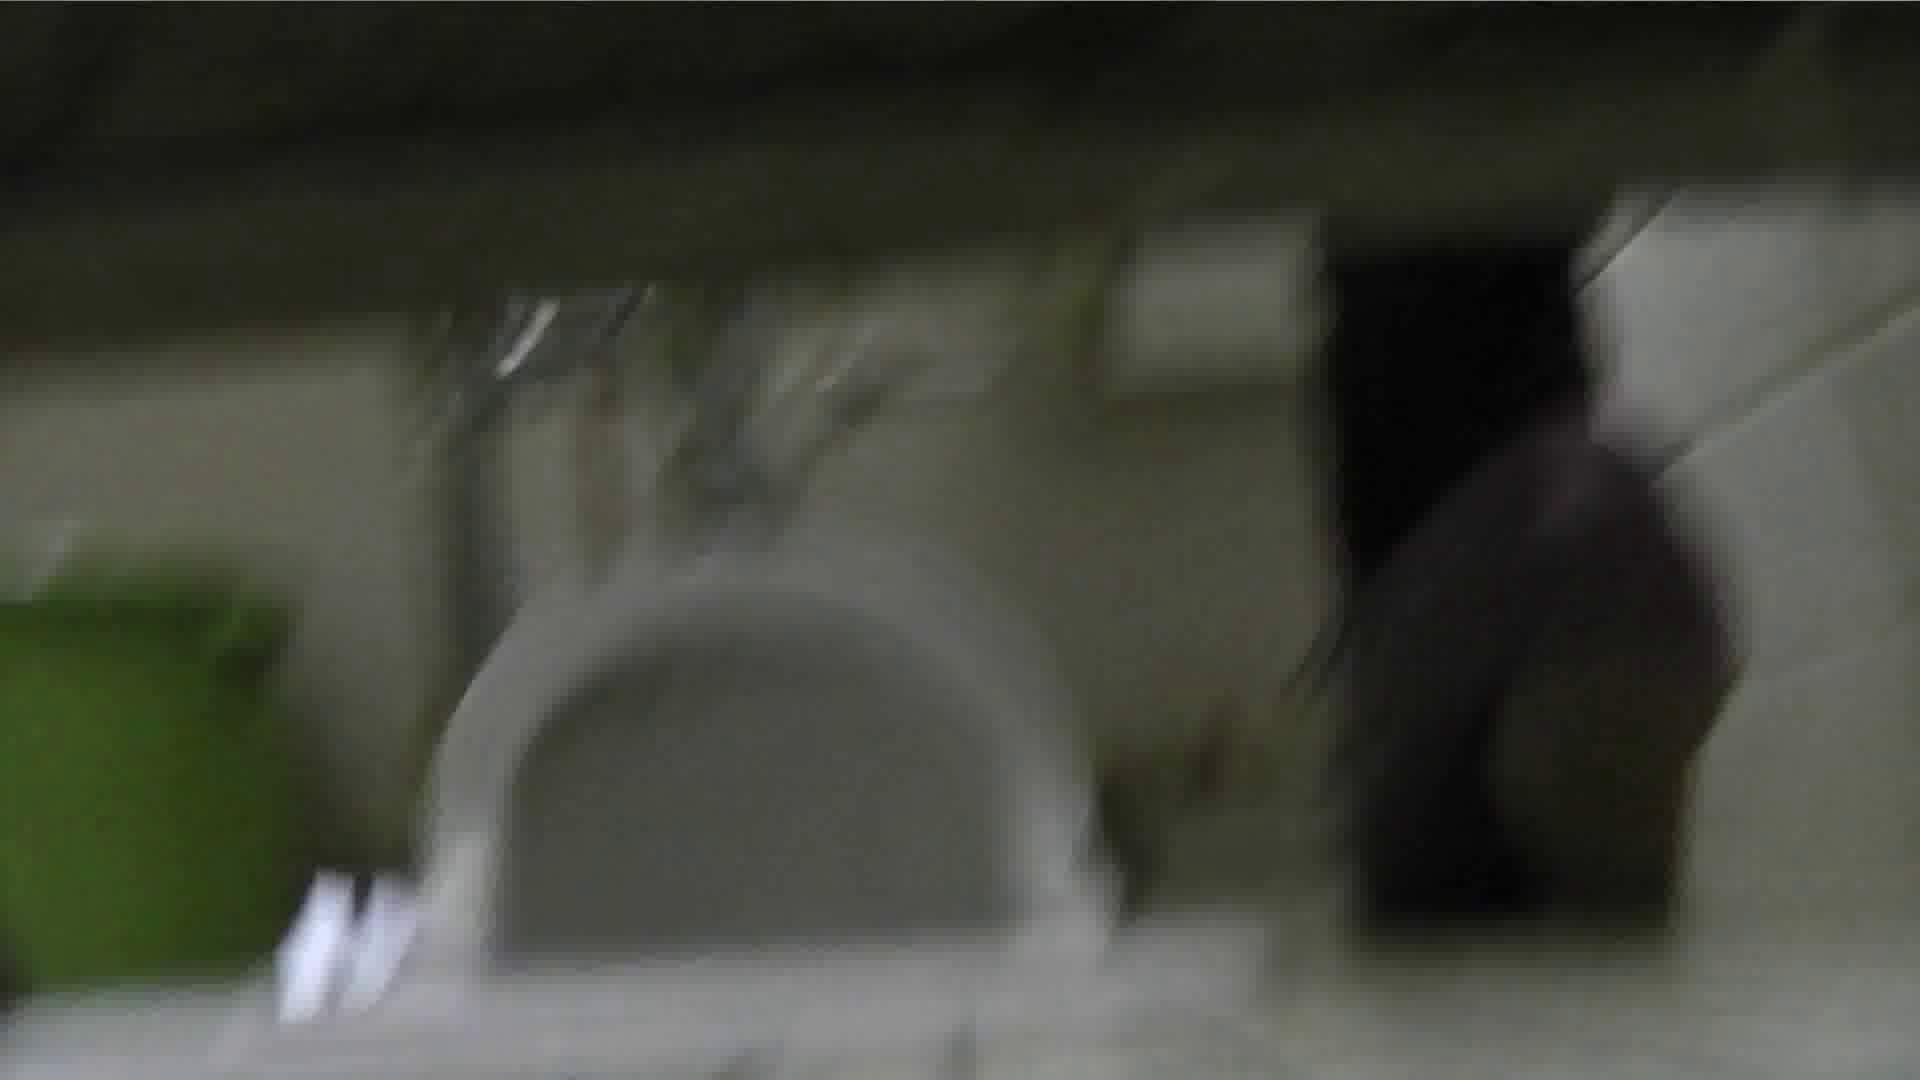 【美しき個室な世界】 vol.017 (゜∀゜) OLの実態 | 洗面所  24pic 1